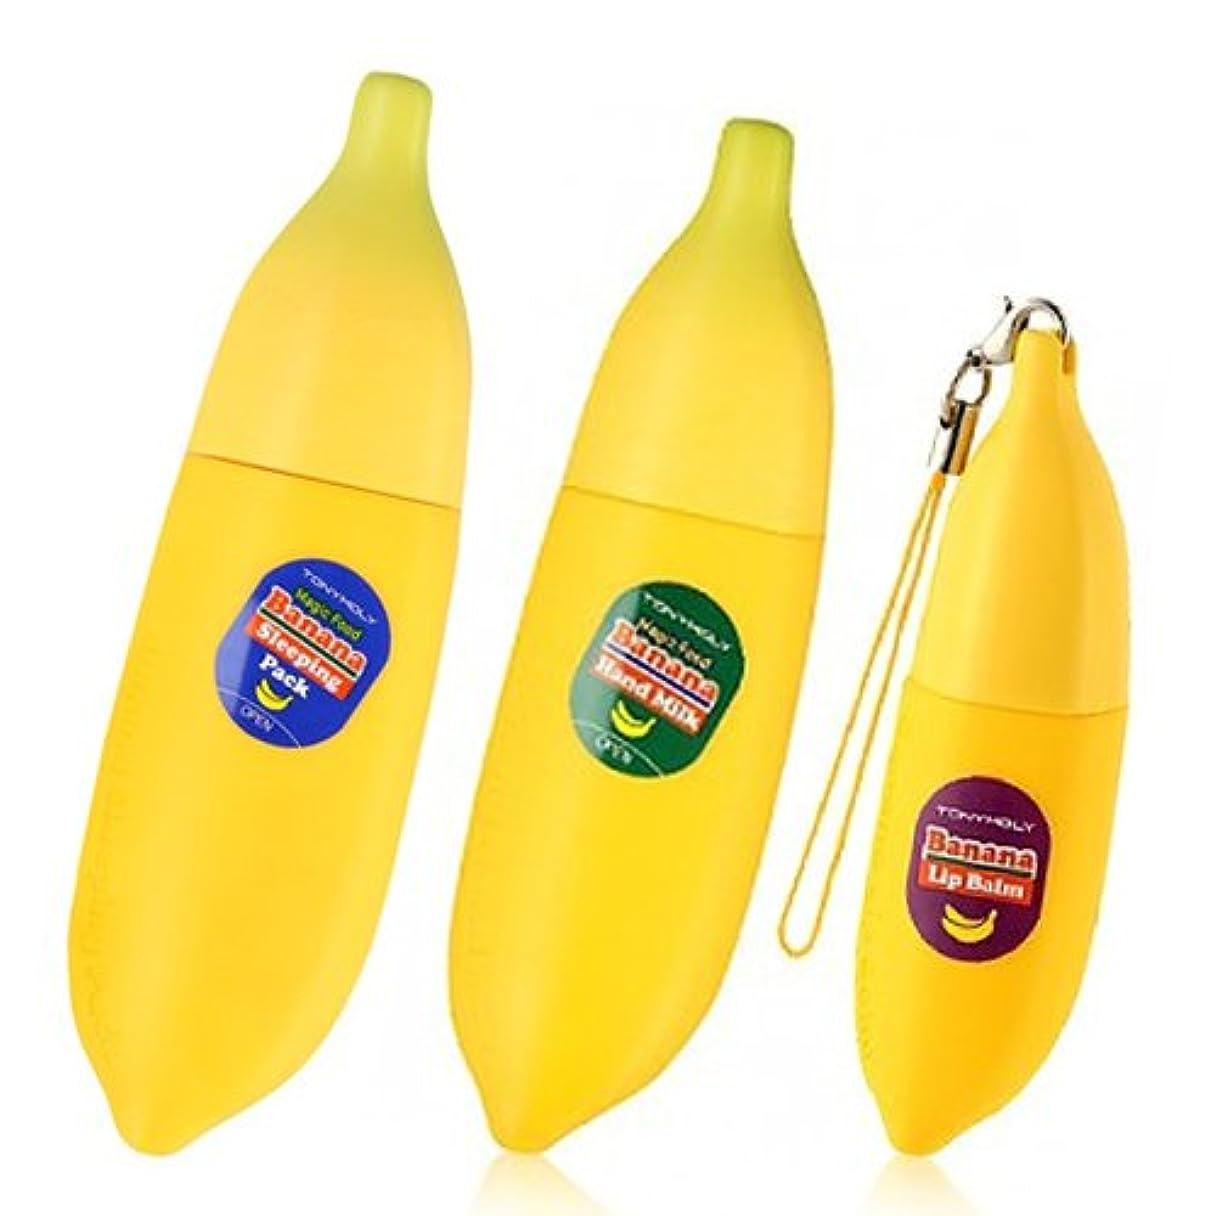 混沌カナダ魔女TONYMOLY (トニーモリ―) マジックフードバナナ3種類1セット(スリーピングパック+ハンドクリーム+リップバーム) Magic Food Banana of 3 Types (Sleeping Pack+Hand...